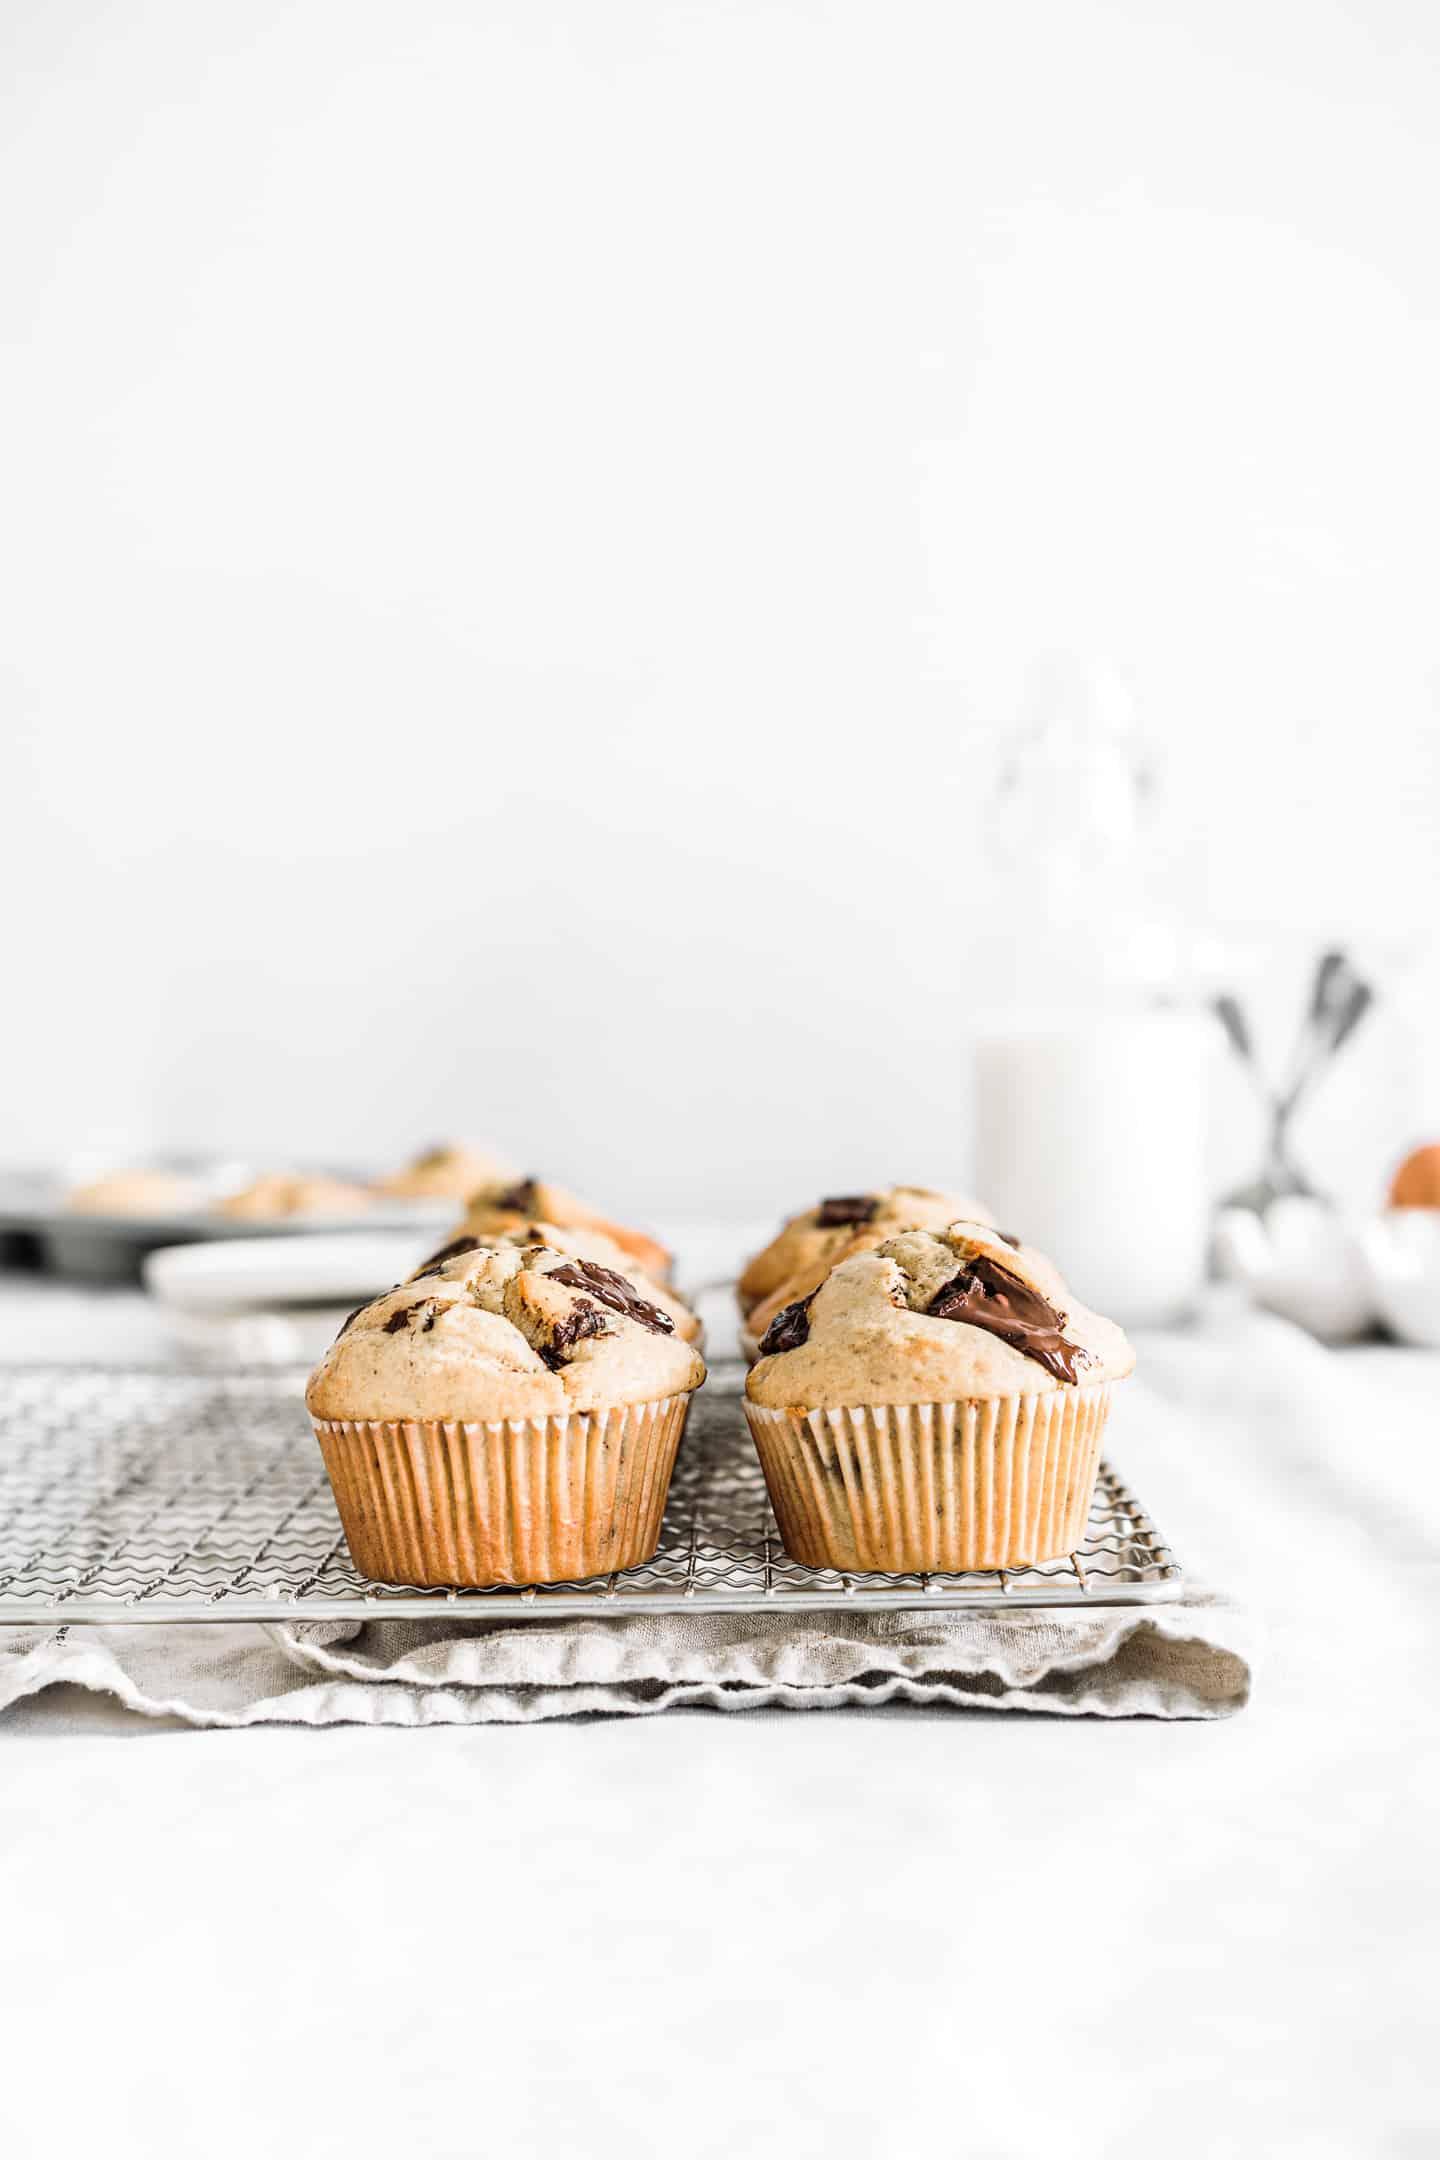 Homemade chocolate chip muffins recipe